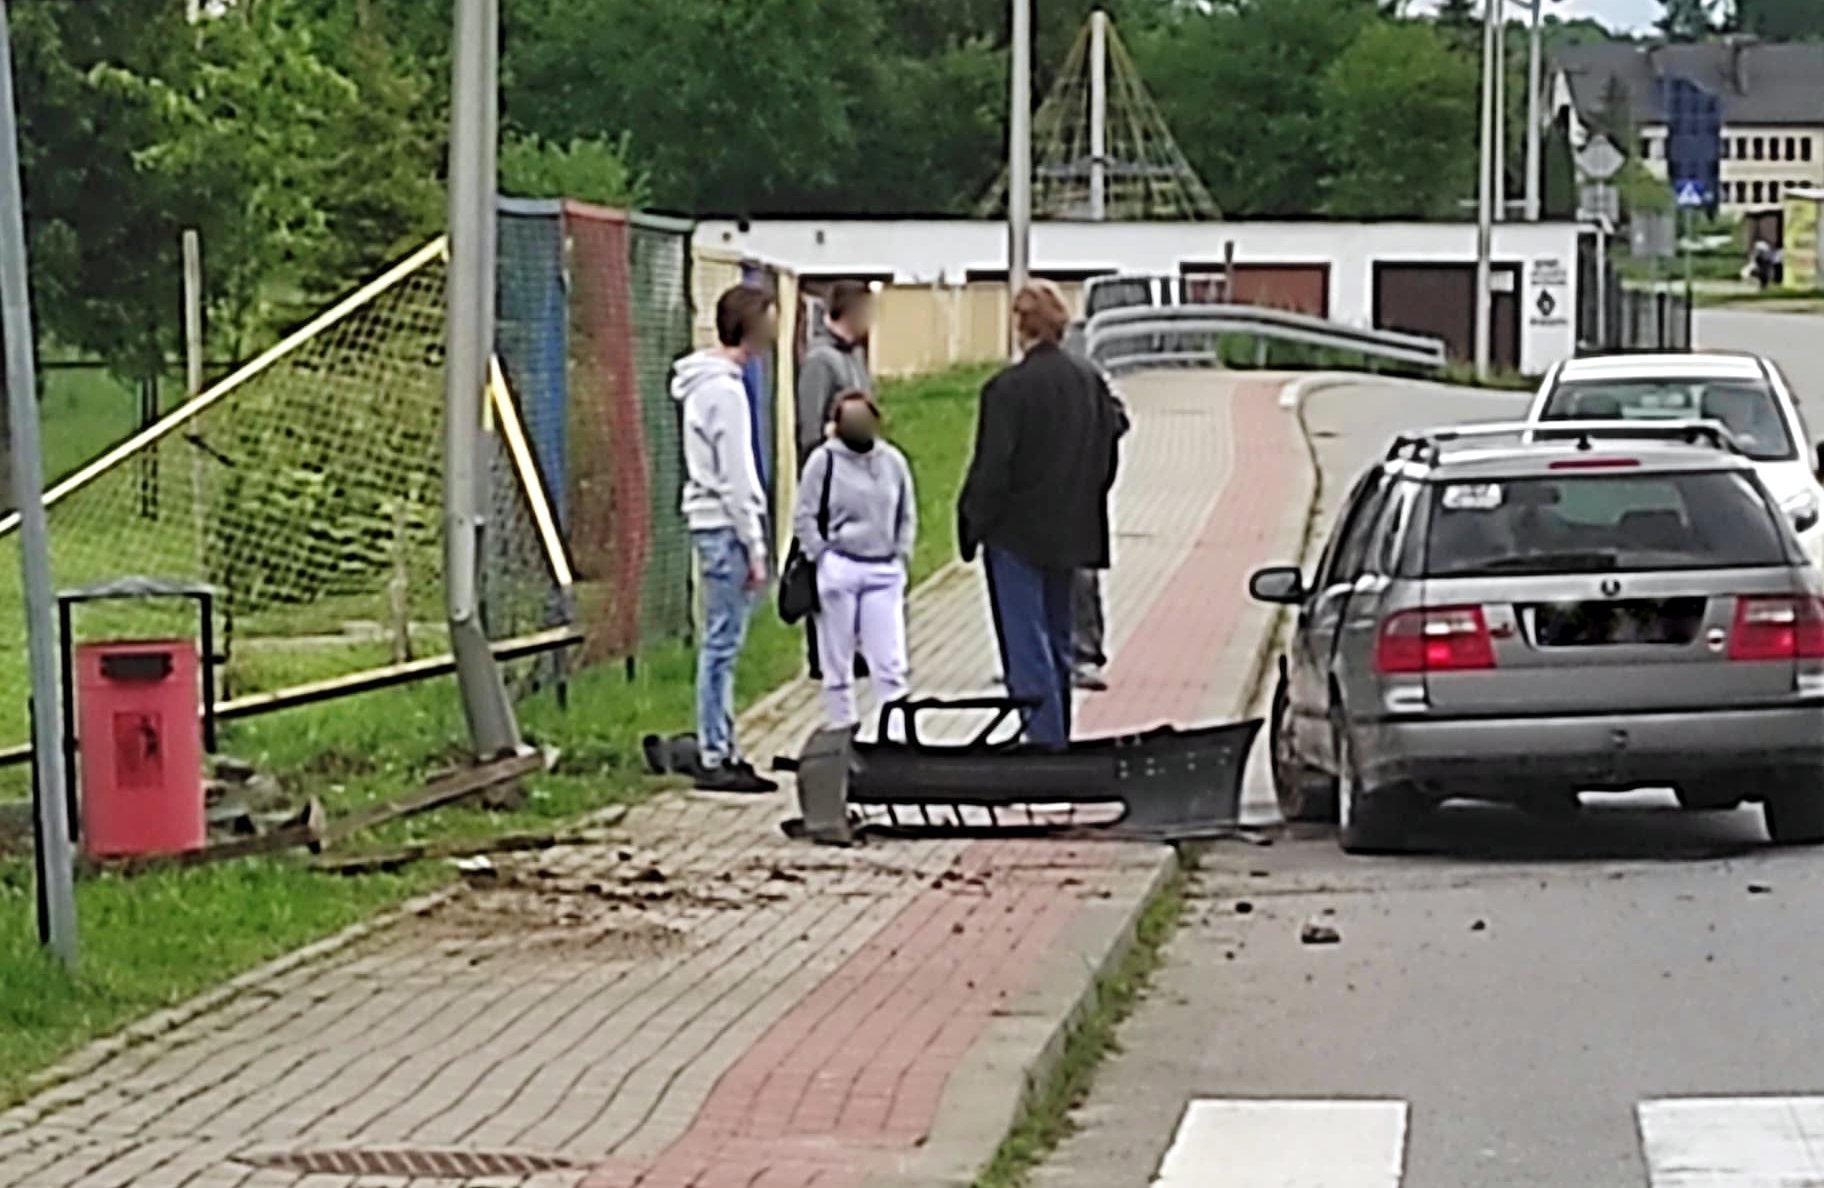 """SANOK: Kiedyś dojdzie tu do tragedii. """"Rajdy"""" młodocianych w drodze do szkoły [ZDJĘCIA] - Zdjęcie główne"""